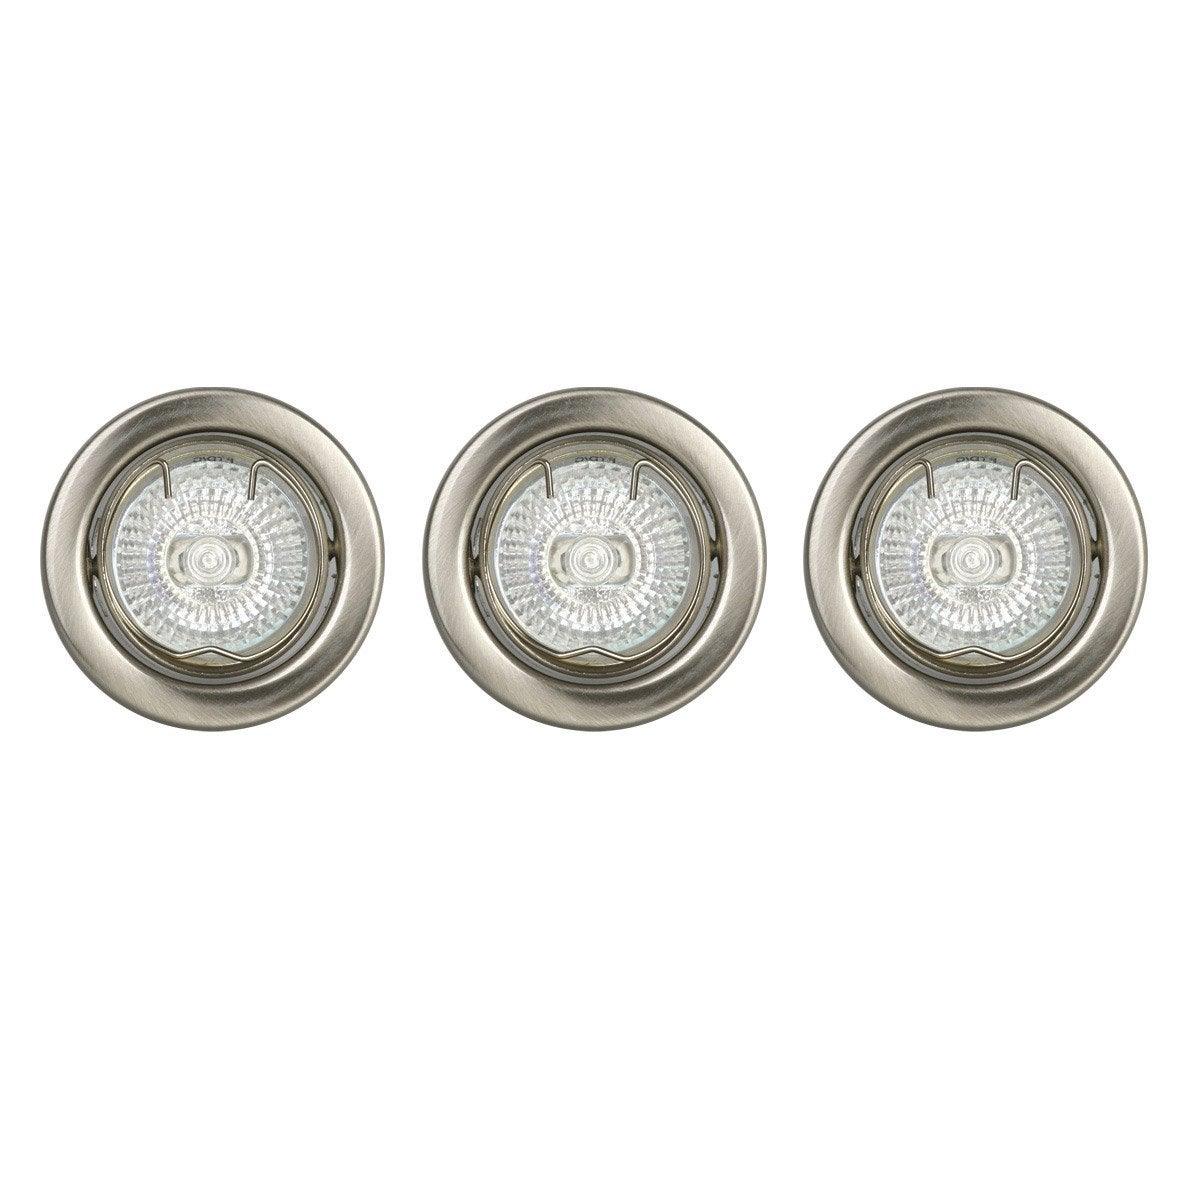 Kit 3 spots encastrer luce fixe halog ne inspire g4 for Placchette luce leroy merlin